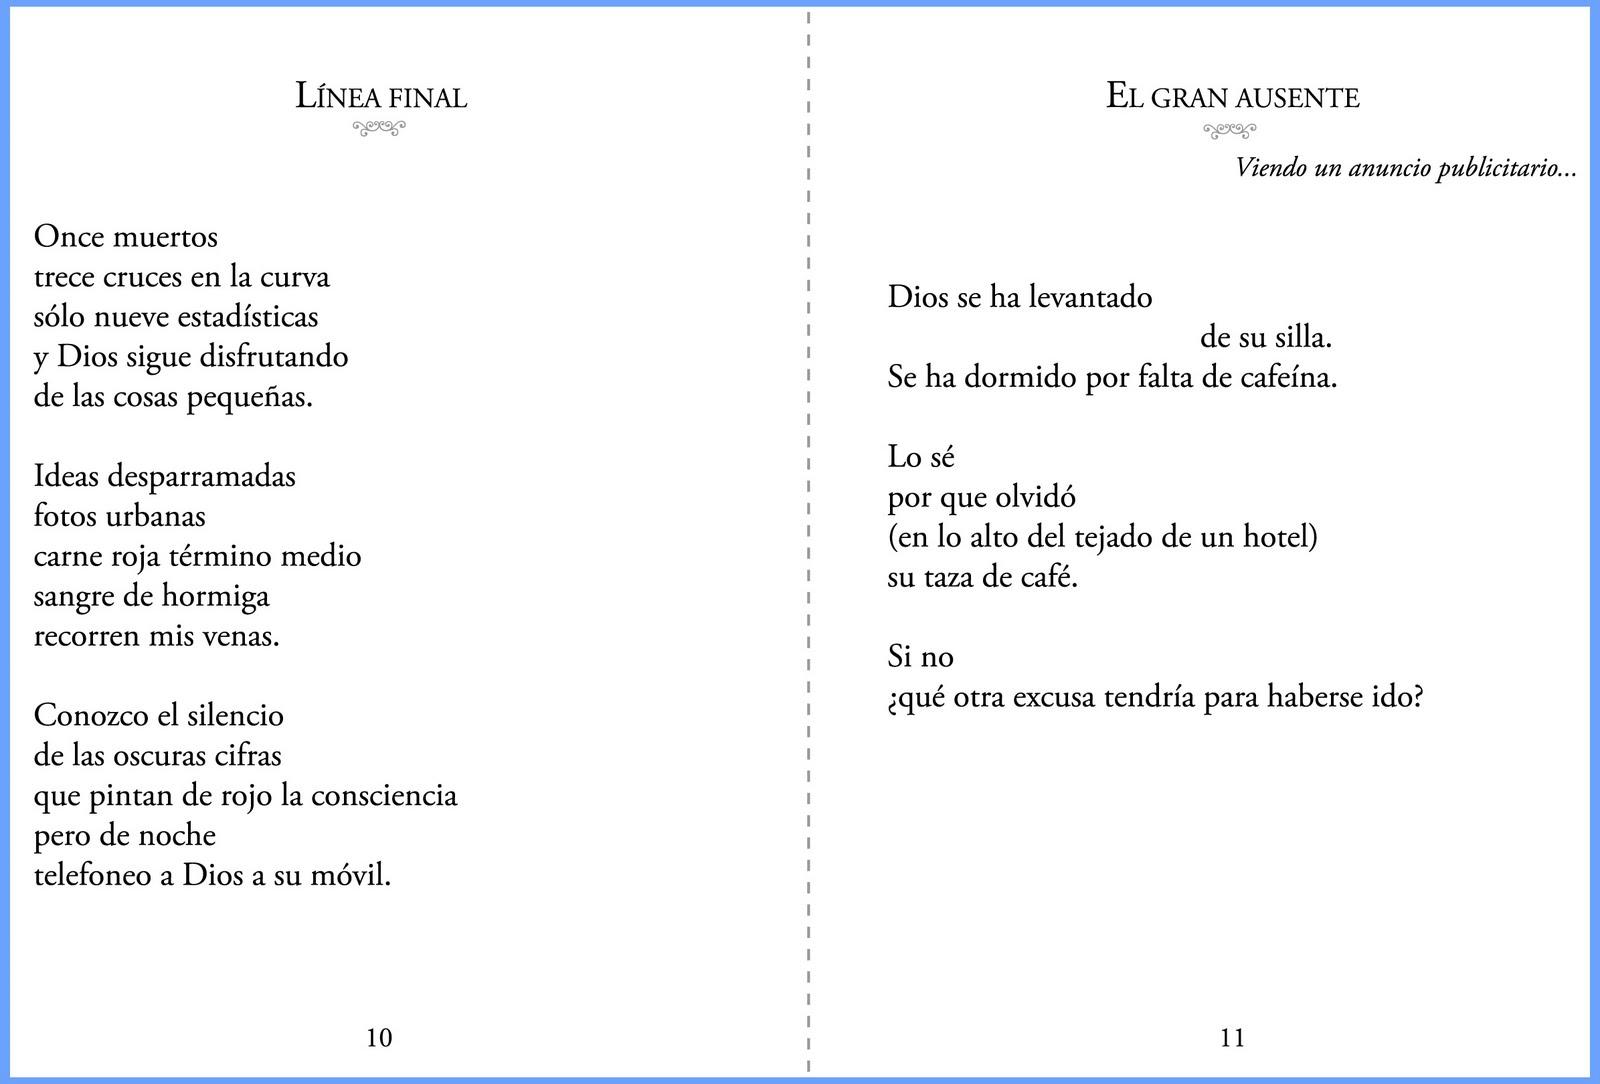 Poemas De Amor De 3 O 5 Estrofas Poemas De 5 Estrofas